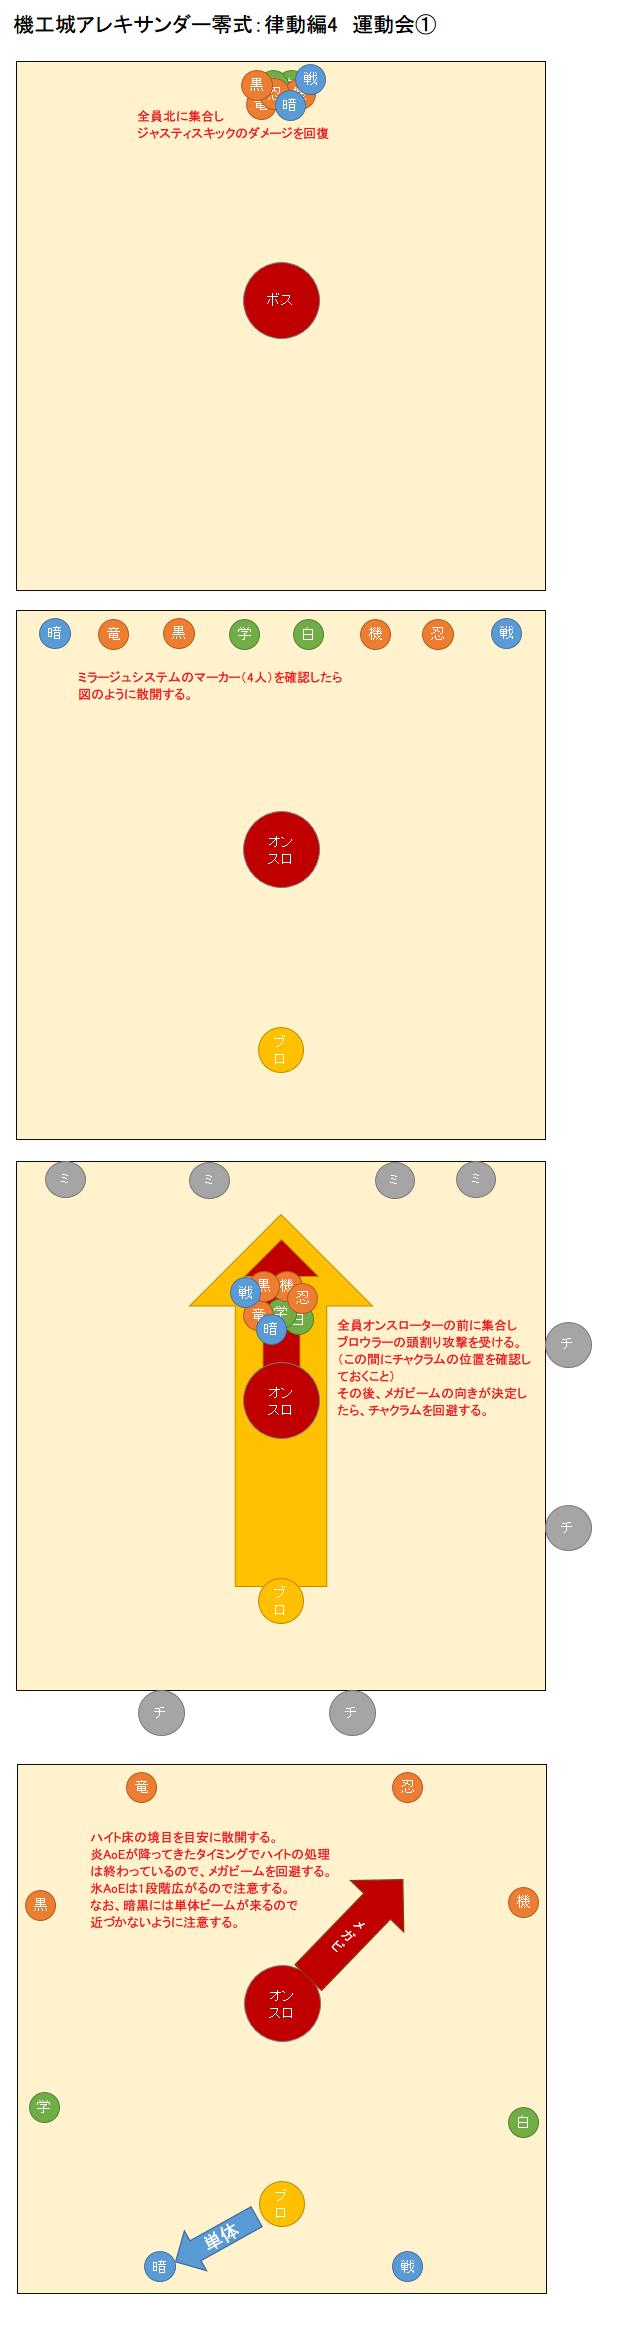 律動4運動会1